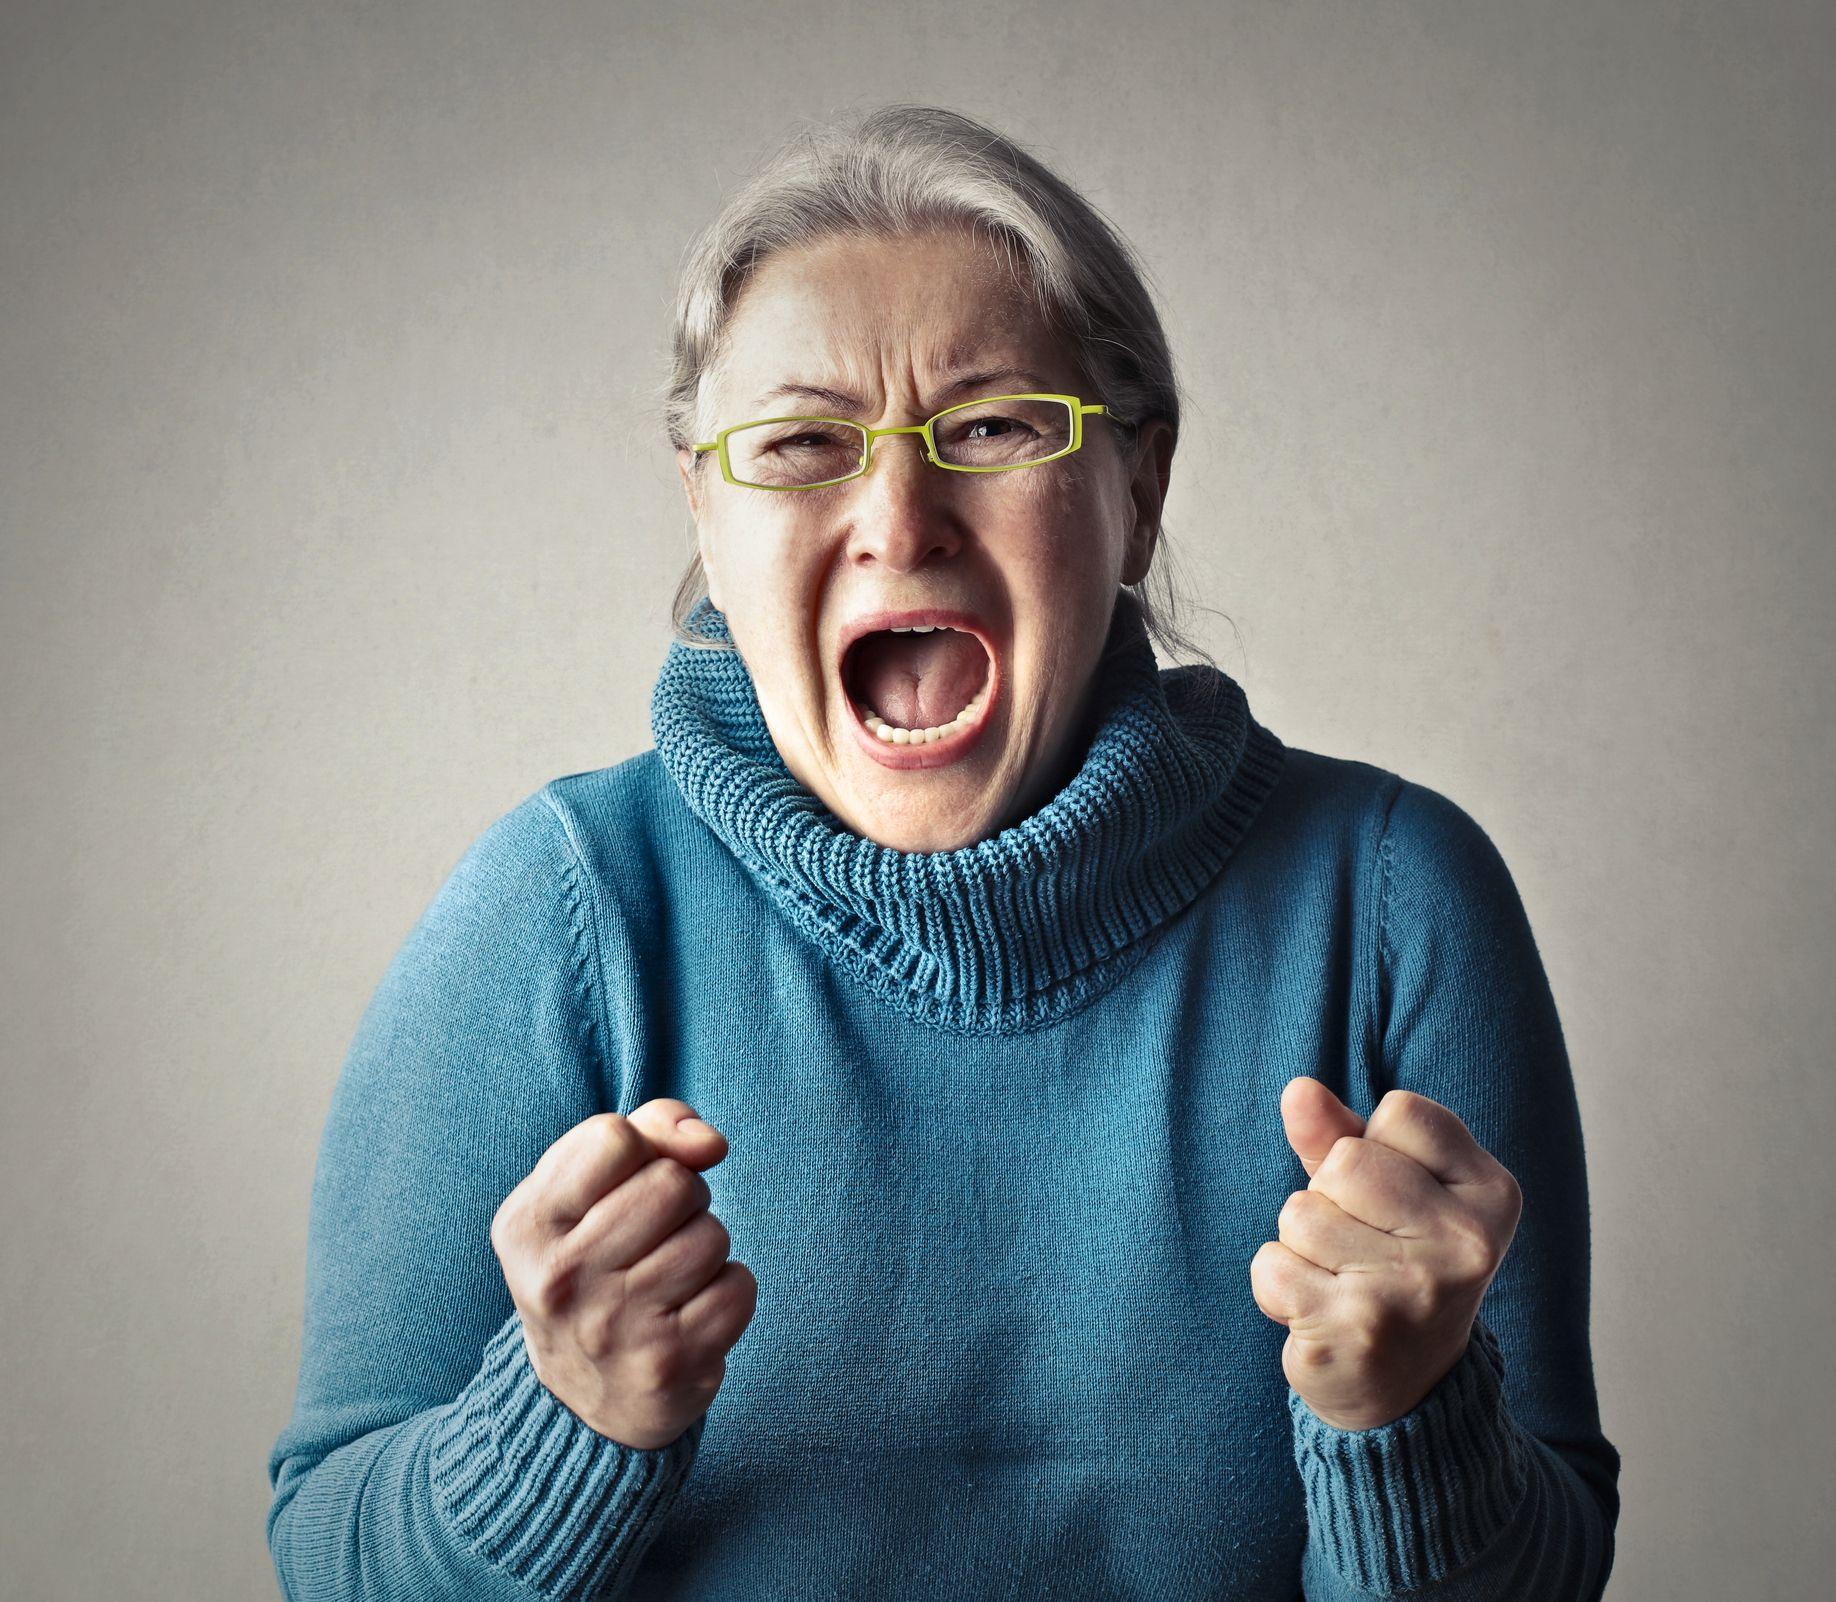 Bojujete s častým hnevom? Zvoľte správnu stratégiu a vyhráte nad ním